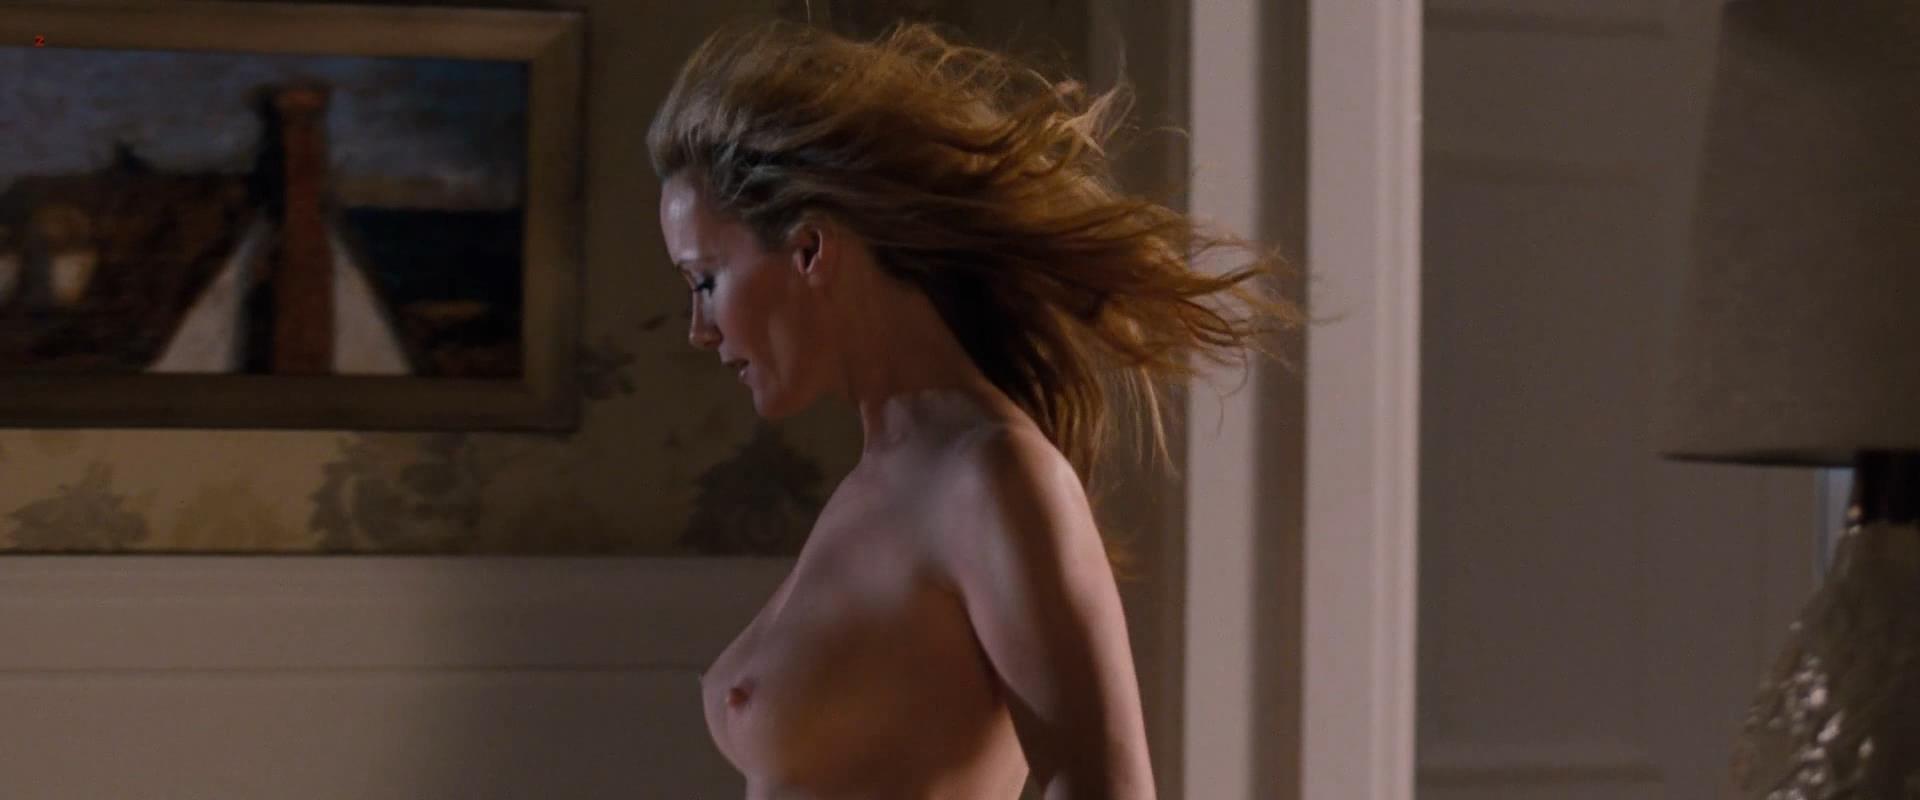 lesley mann naked